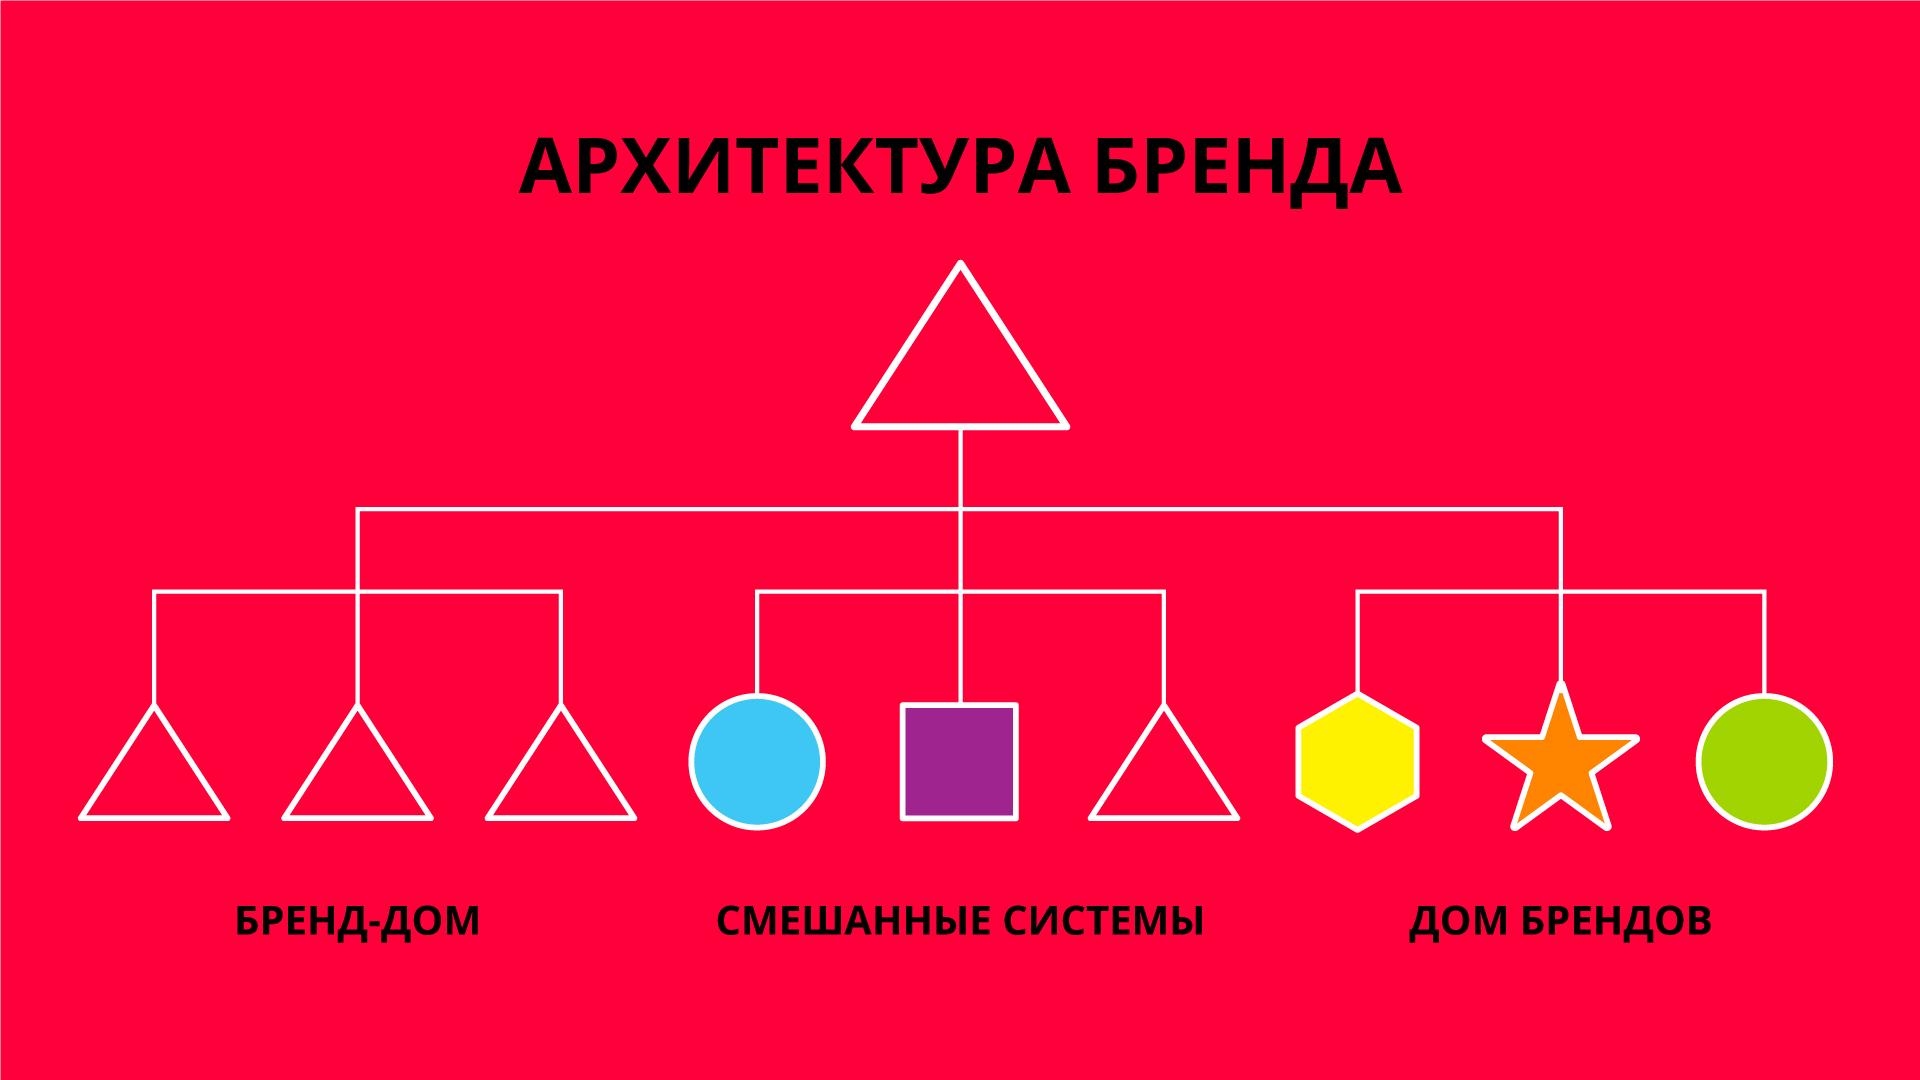 Архитектура бренда